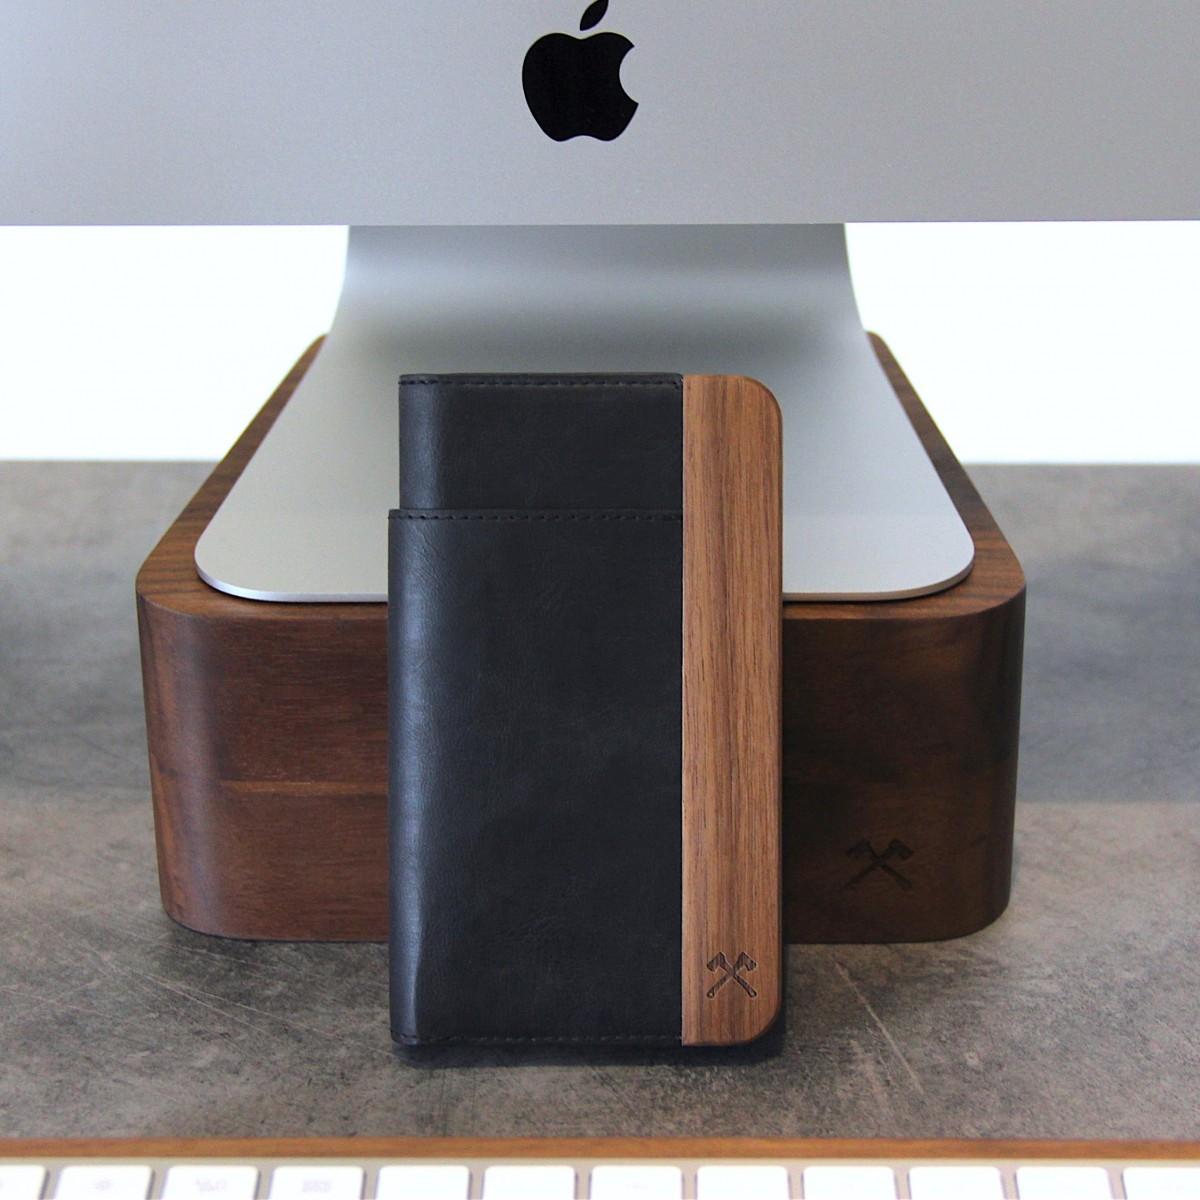 Woodcessories - EcoWallet - Premium Design Hülle, Case, Cover für das iPhone aus FSC zert. Walnuss Holz & hochwertiger Lederoptik (iPhone Xs Max)